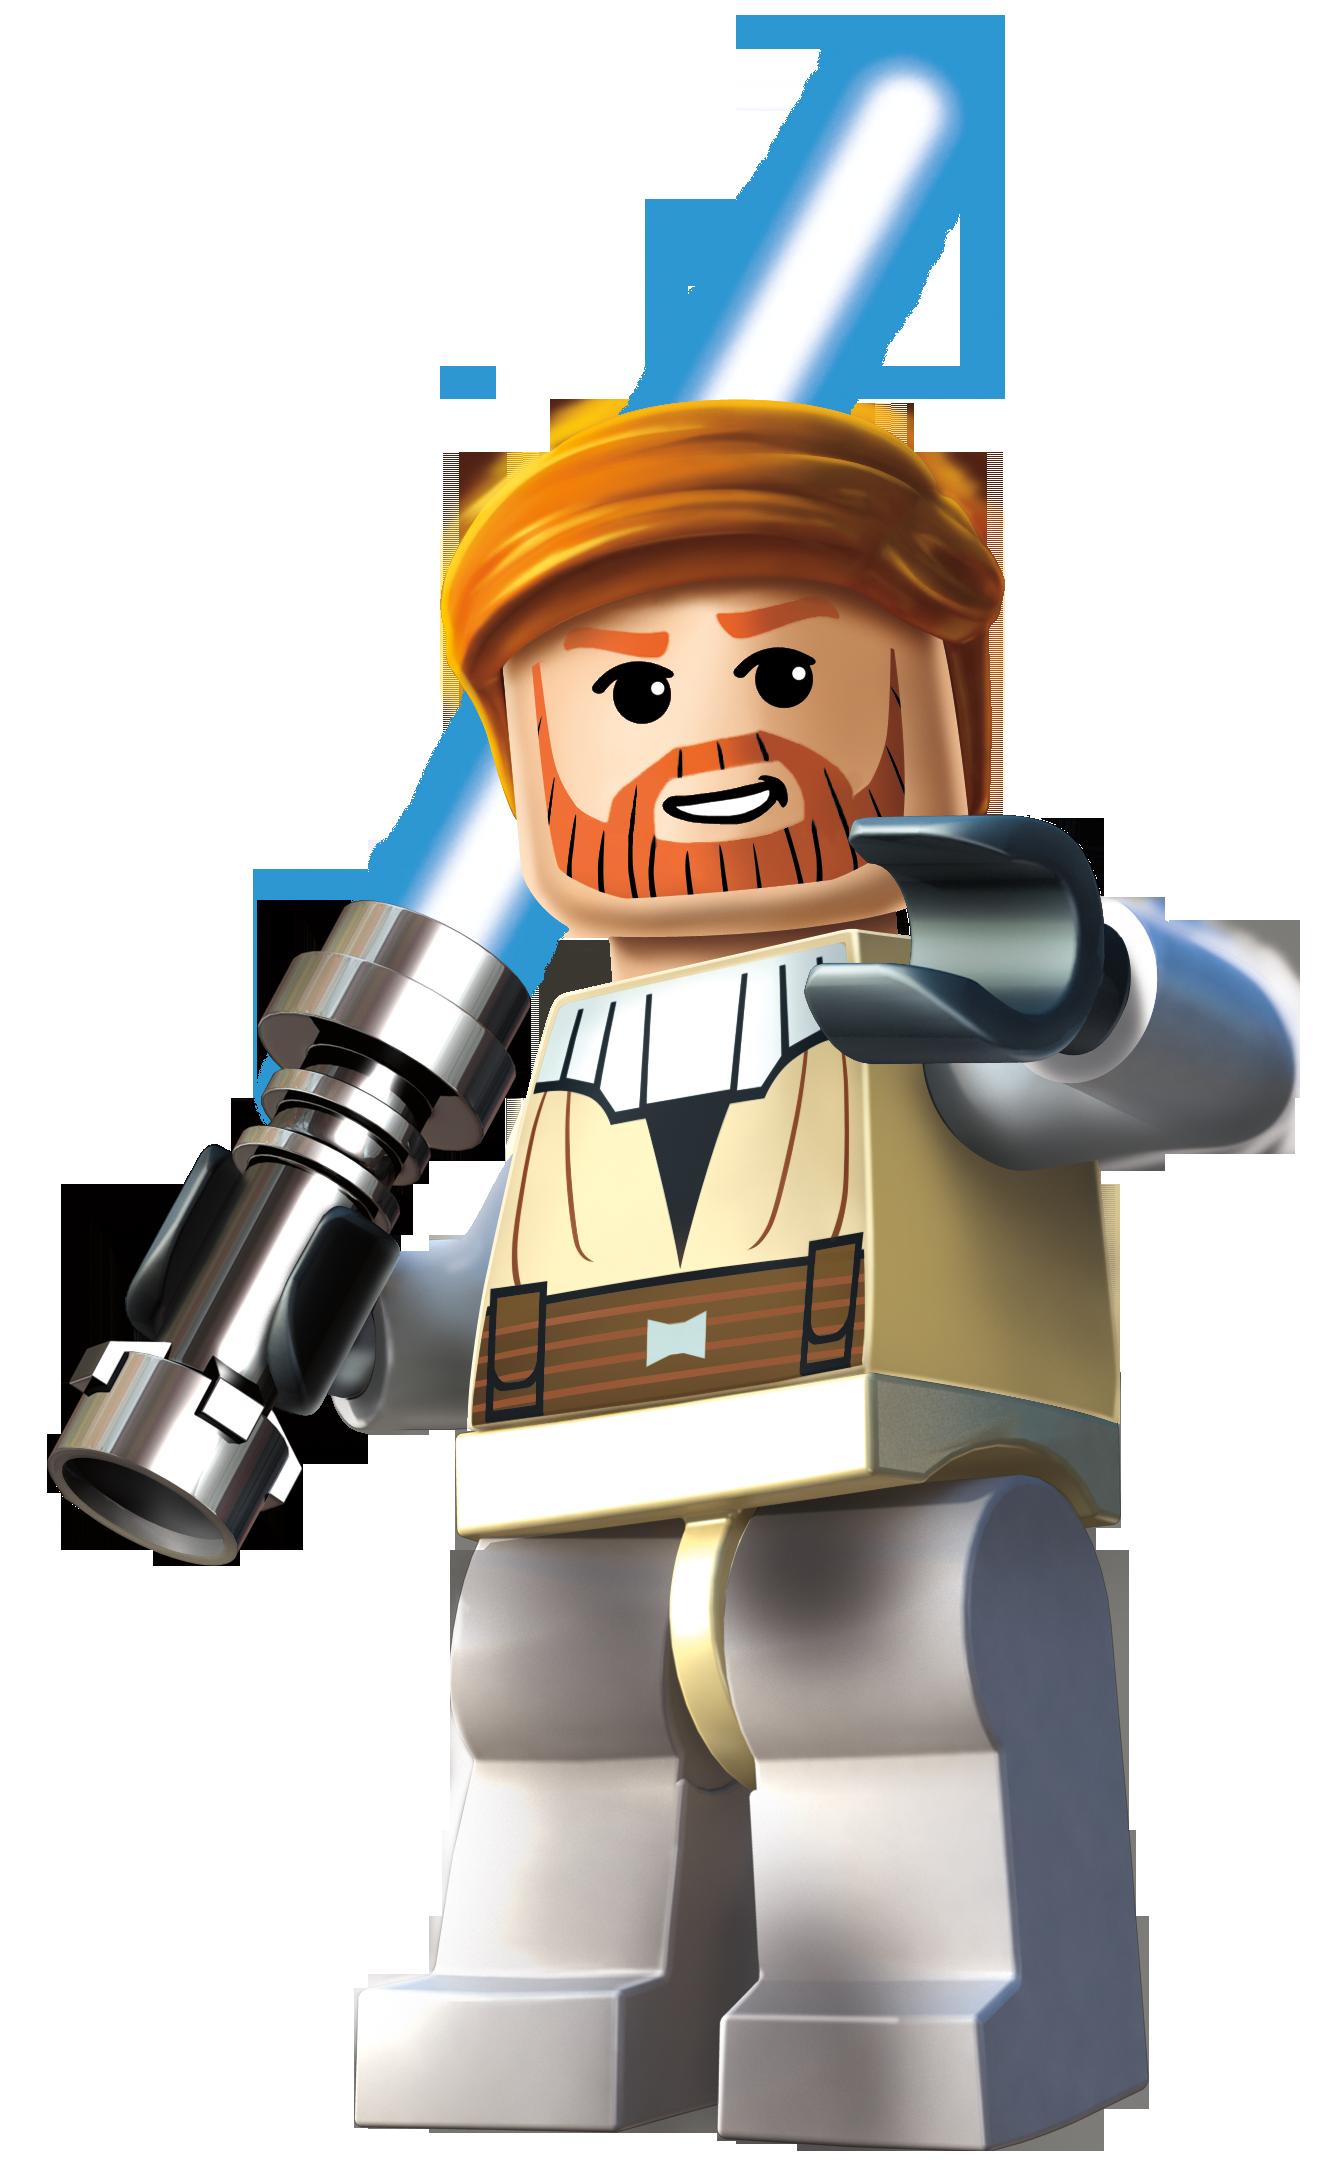 Obi wan kenobi legopedia fandom powered by wikia - Image star wars lego ...